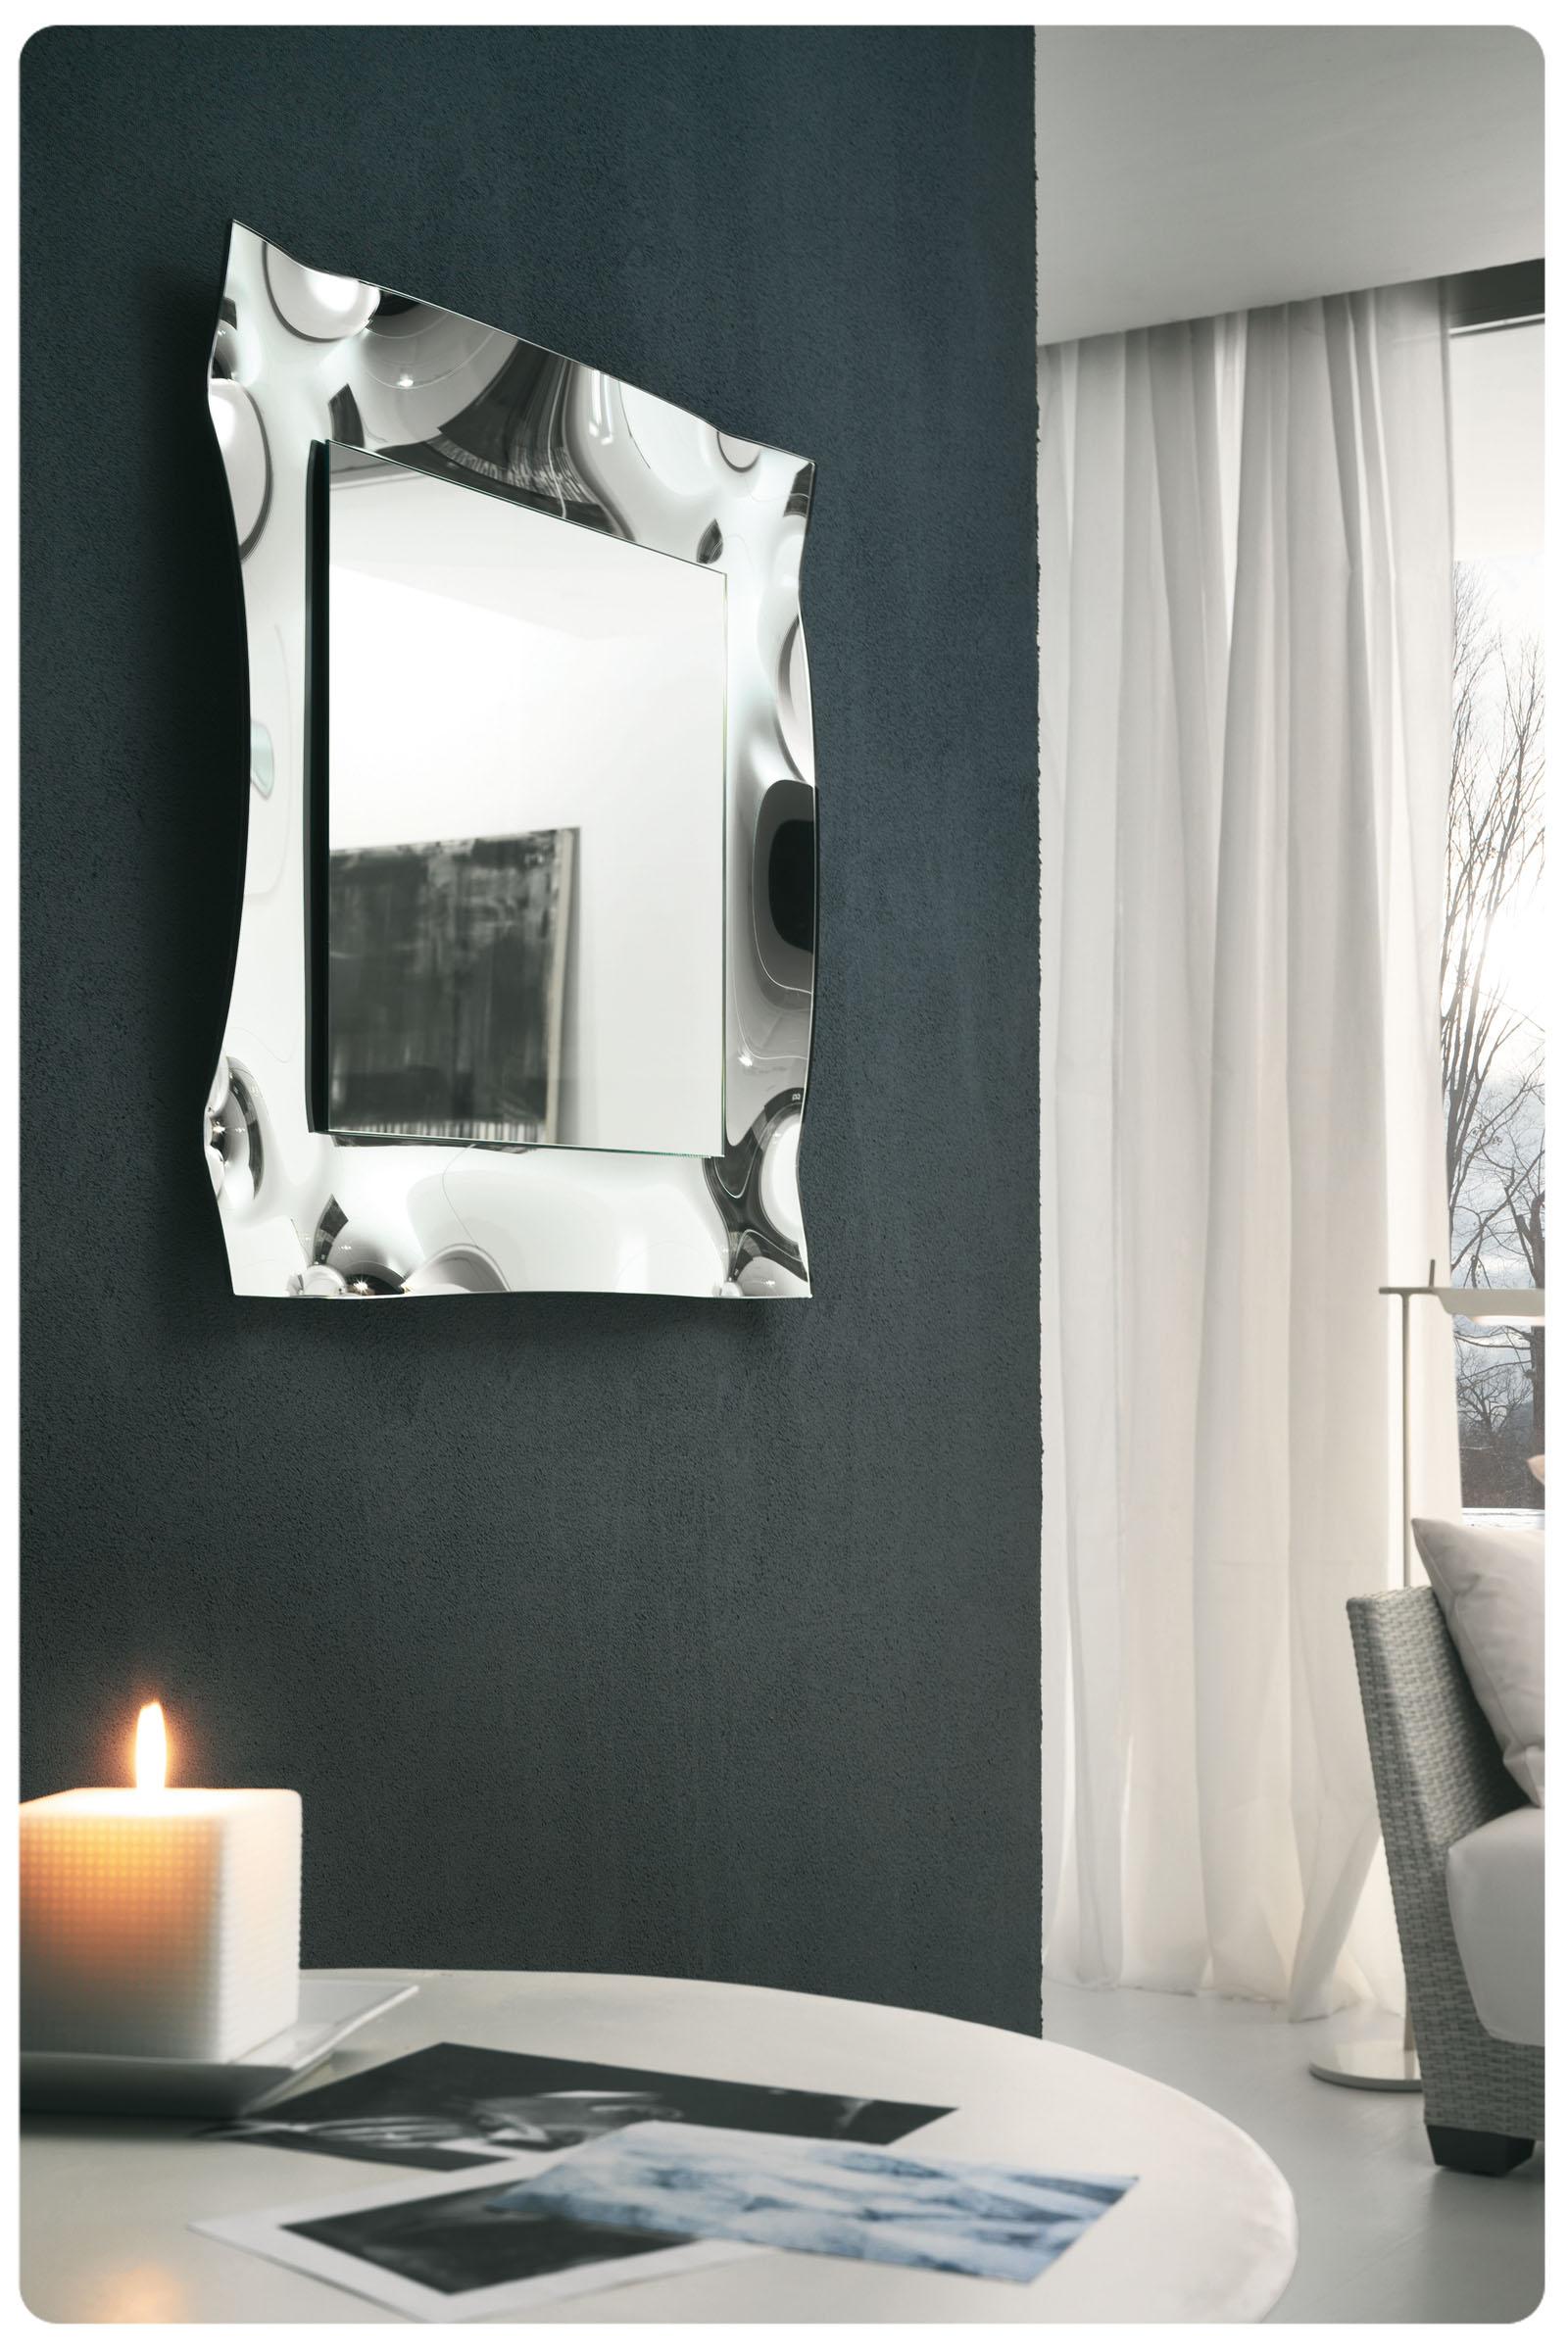 Specchio moderno top lops viva specchi acquistabile in milano e provincia monza e brianza - Specchio moderno ...